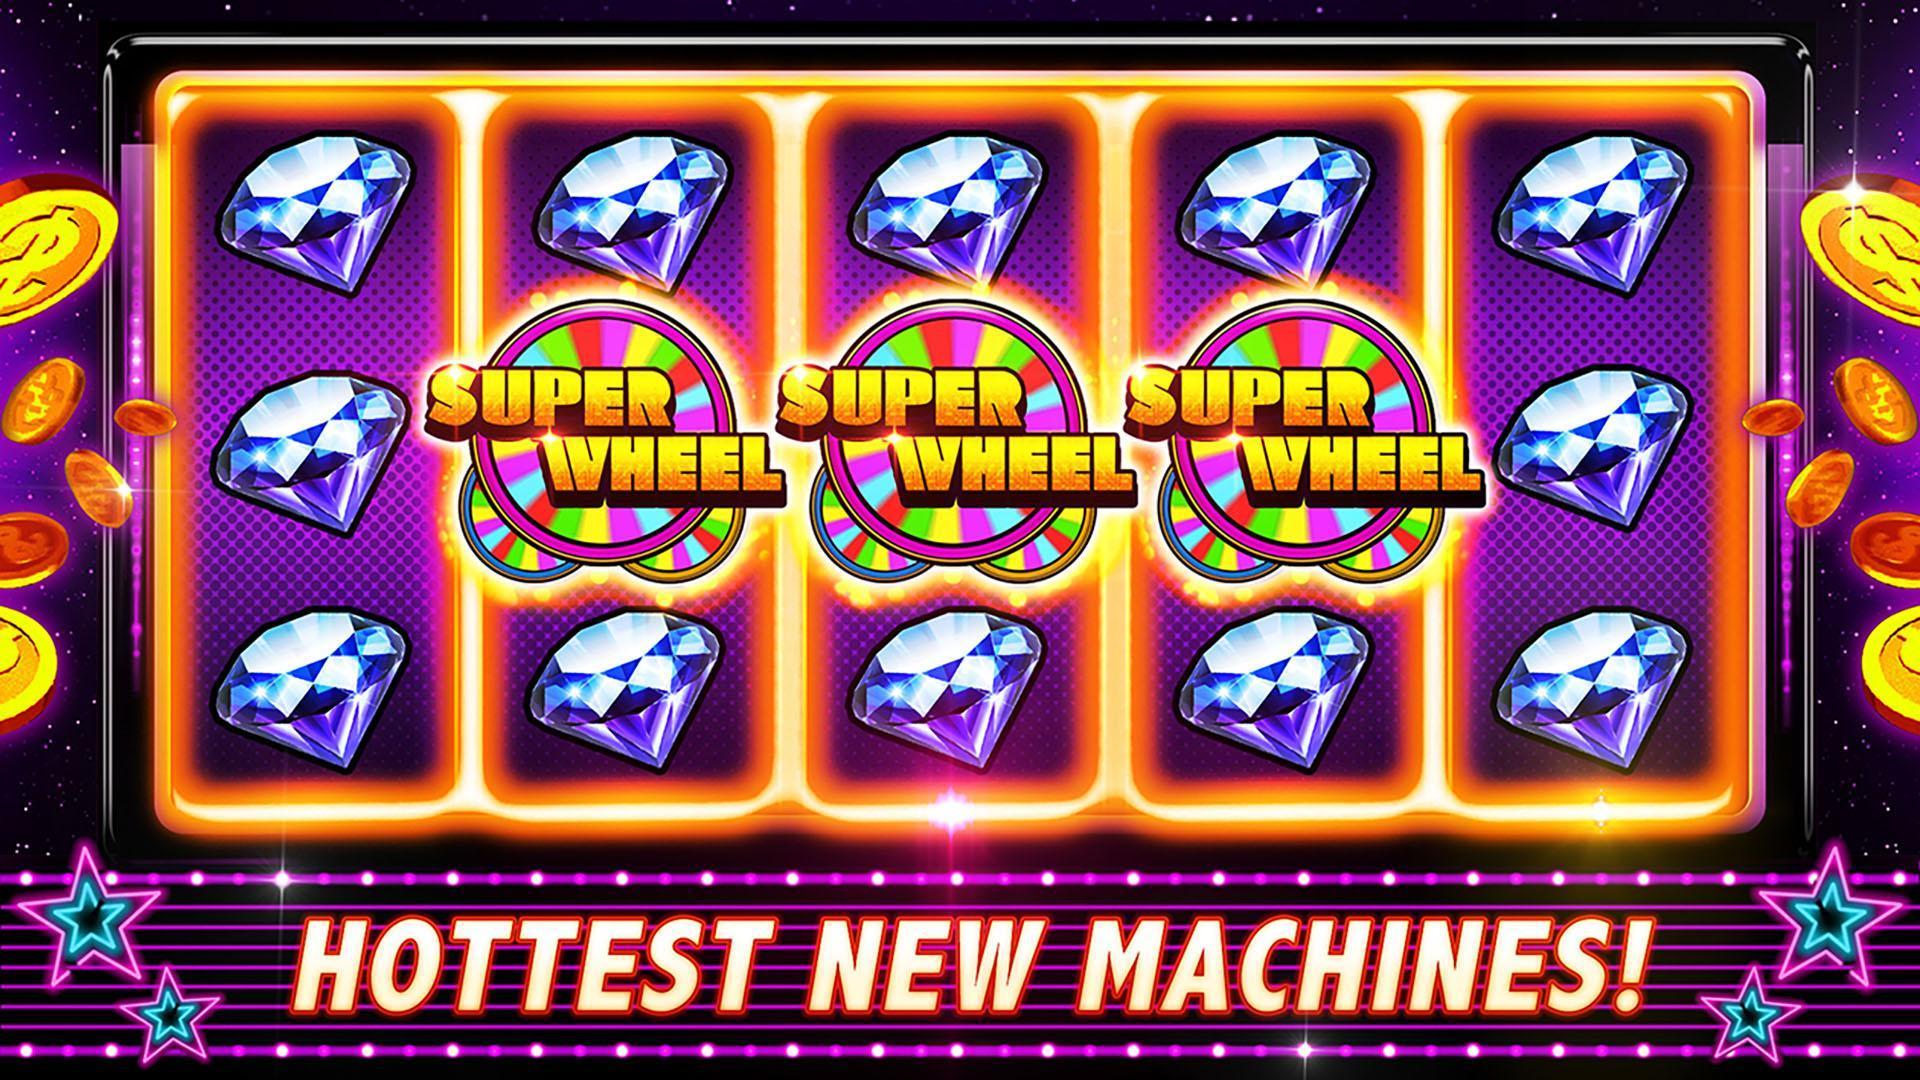 88 fortunes slot machines